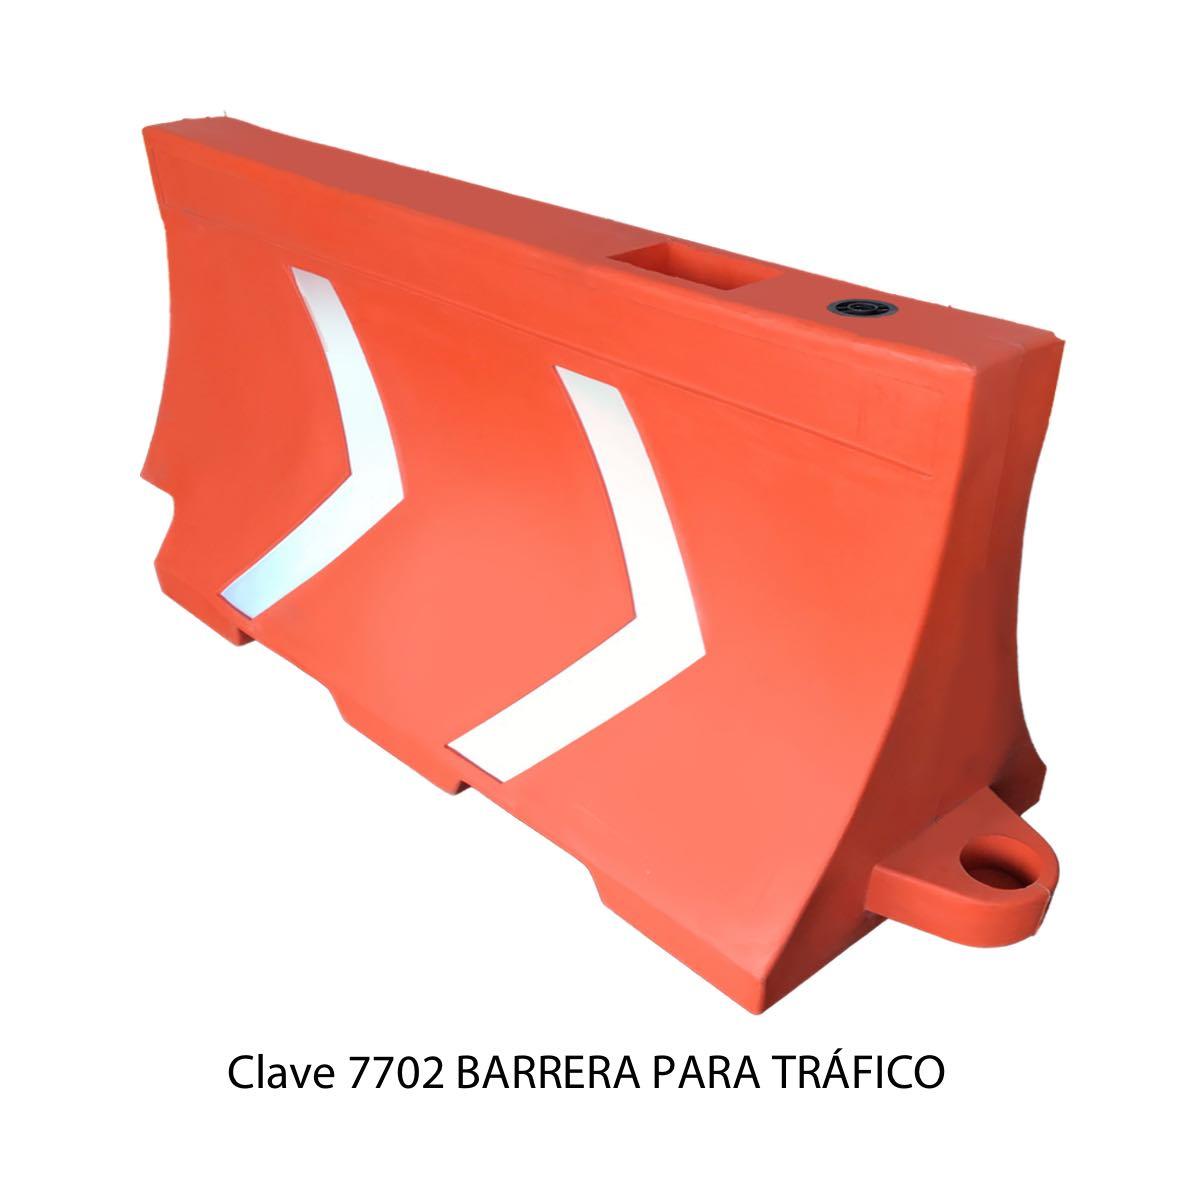 Barrera para Tráfico color naranja Clave 7702 Sablón